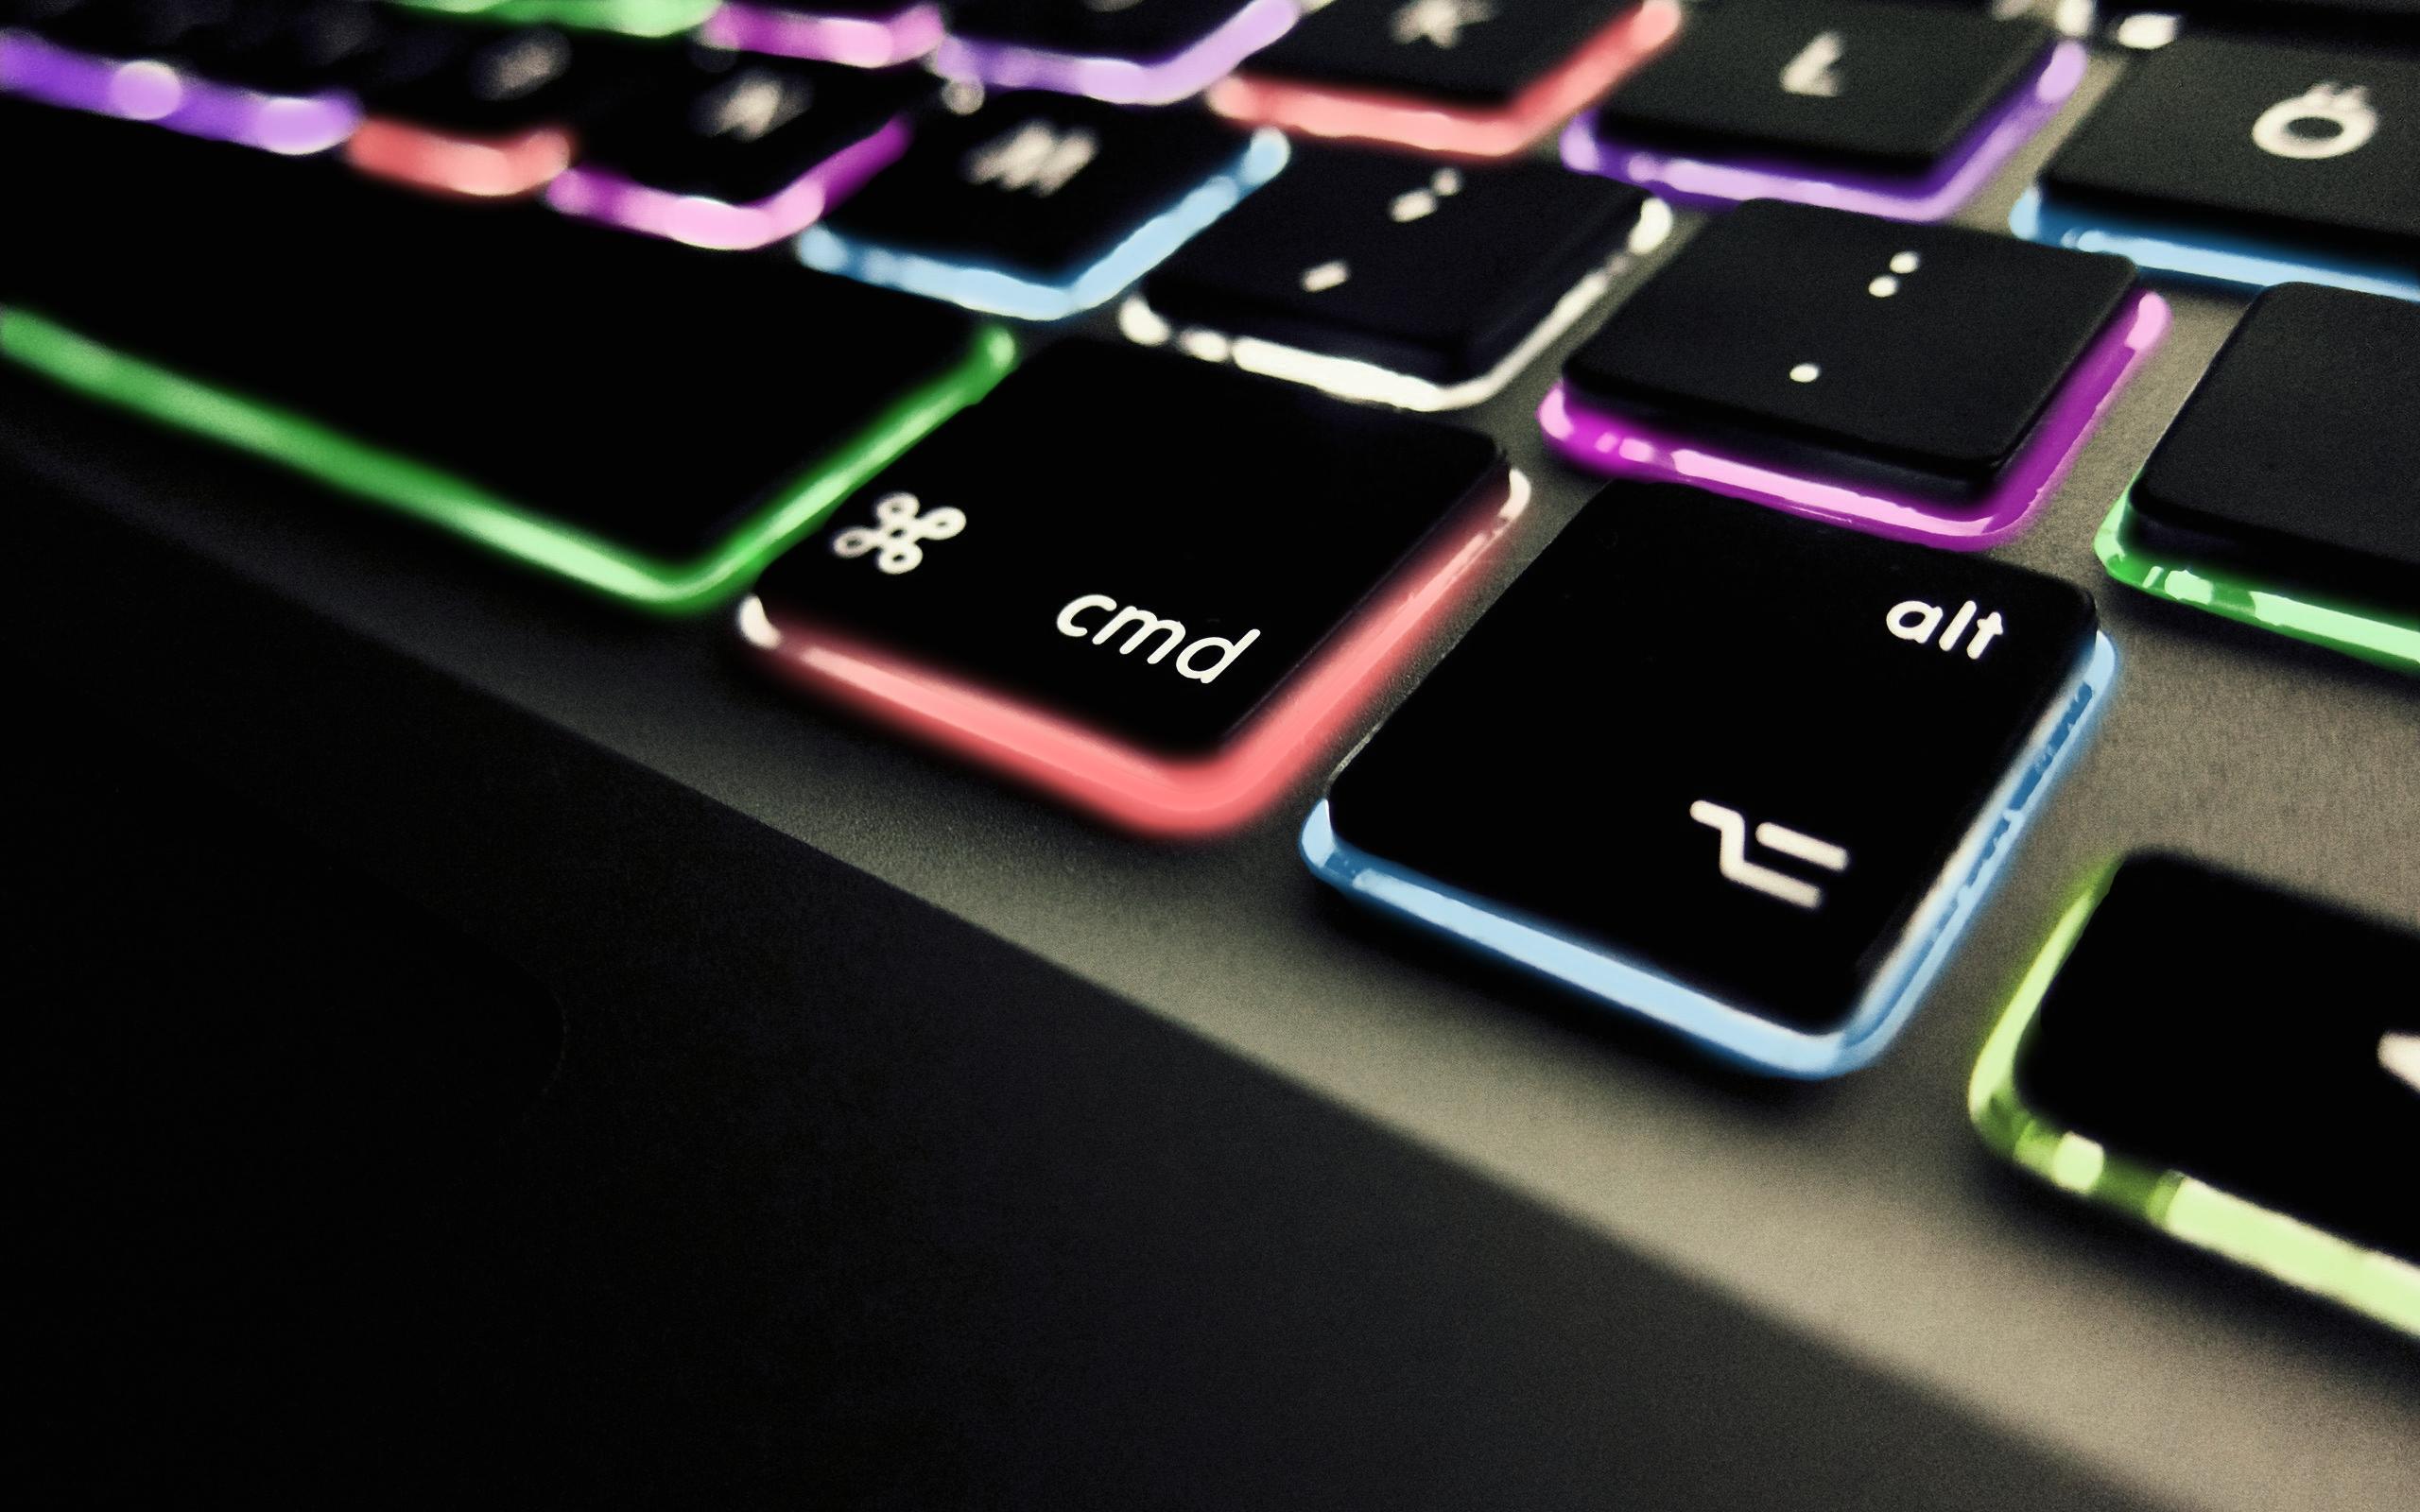 Coloured Apple Macbook Pro Keyboard Wallpaper 2560x1600 2672